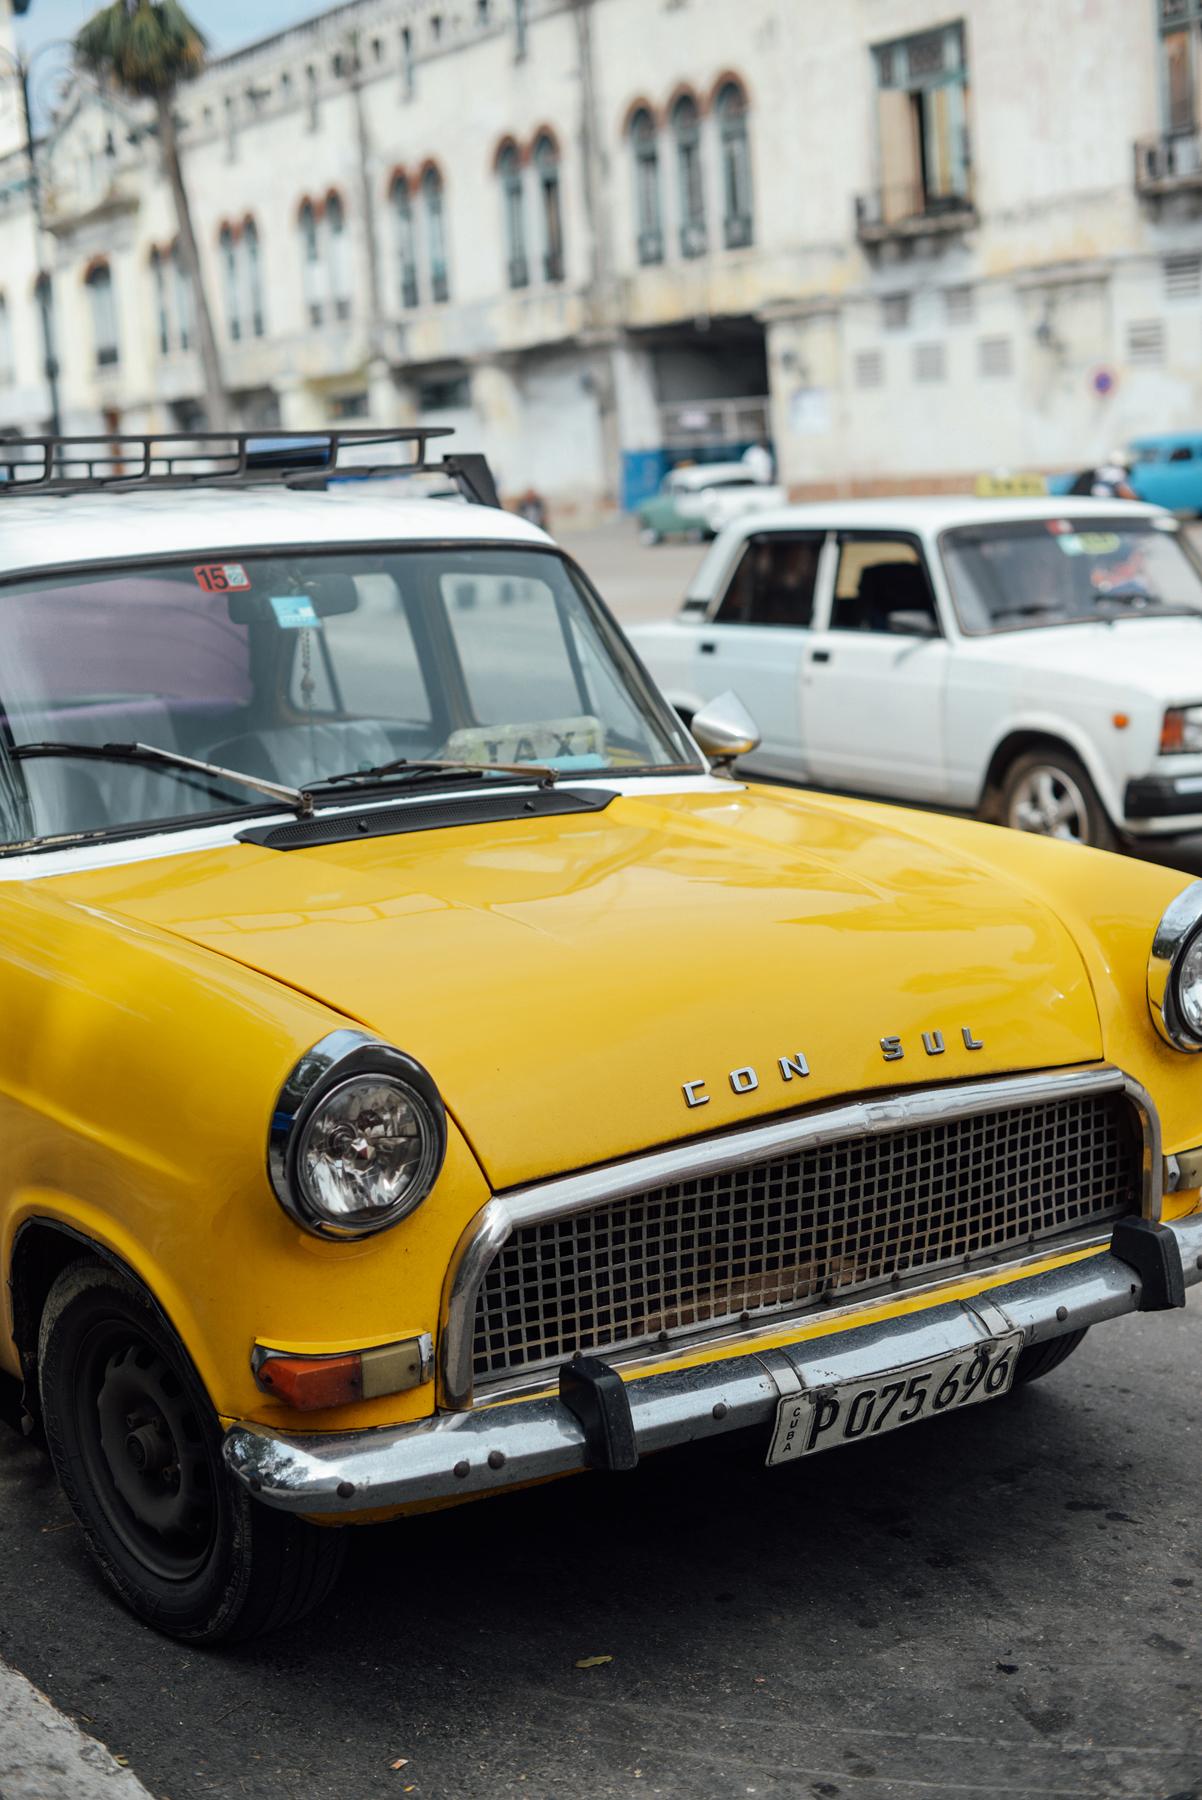 Kuba Rundreise_Kuba Rundreise planen_Tipps Kuba Reise_Kuba Checkliste_Kuba Interneut_Reiseroute_Flüge_Final1